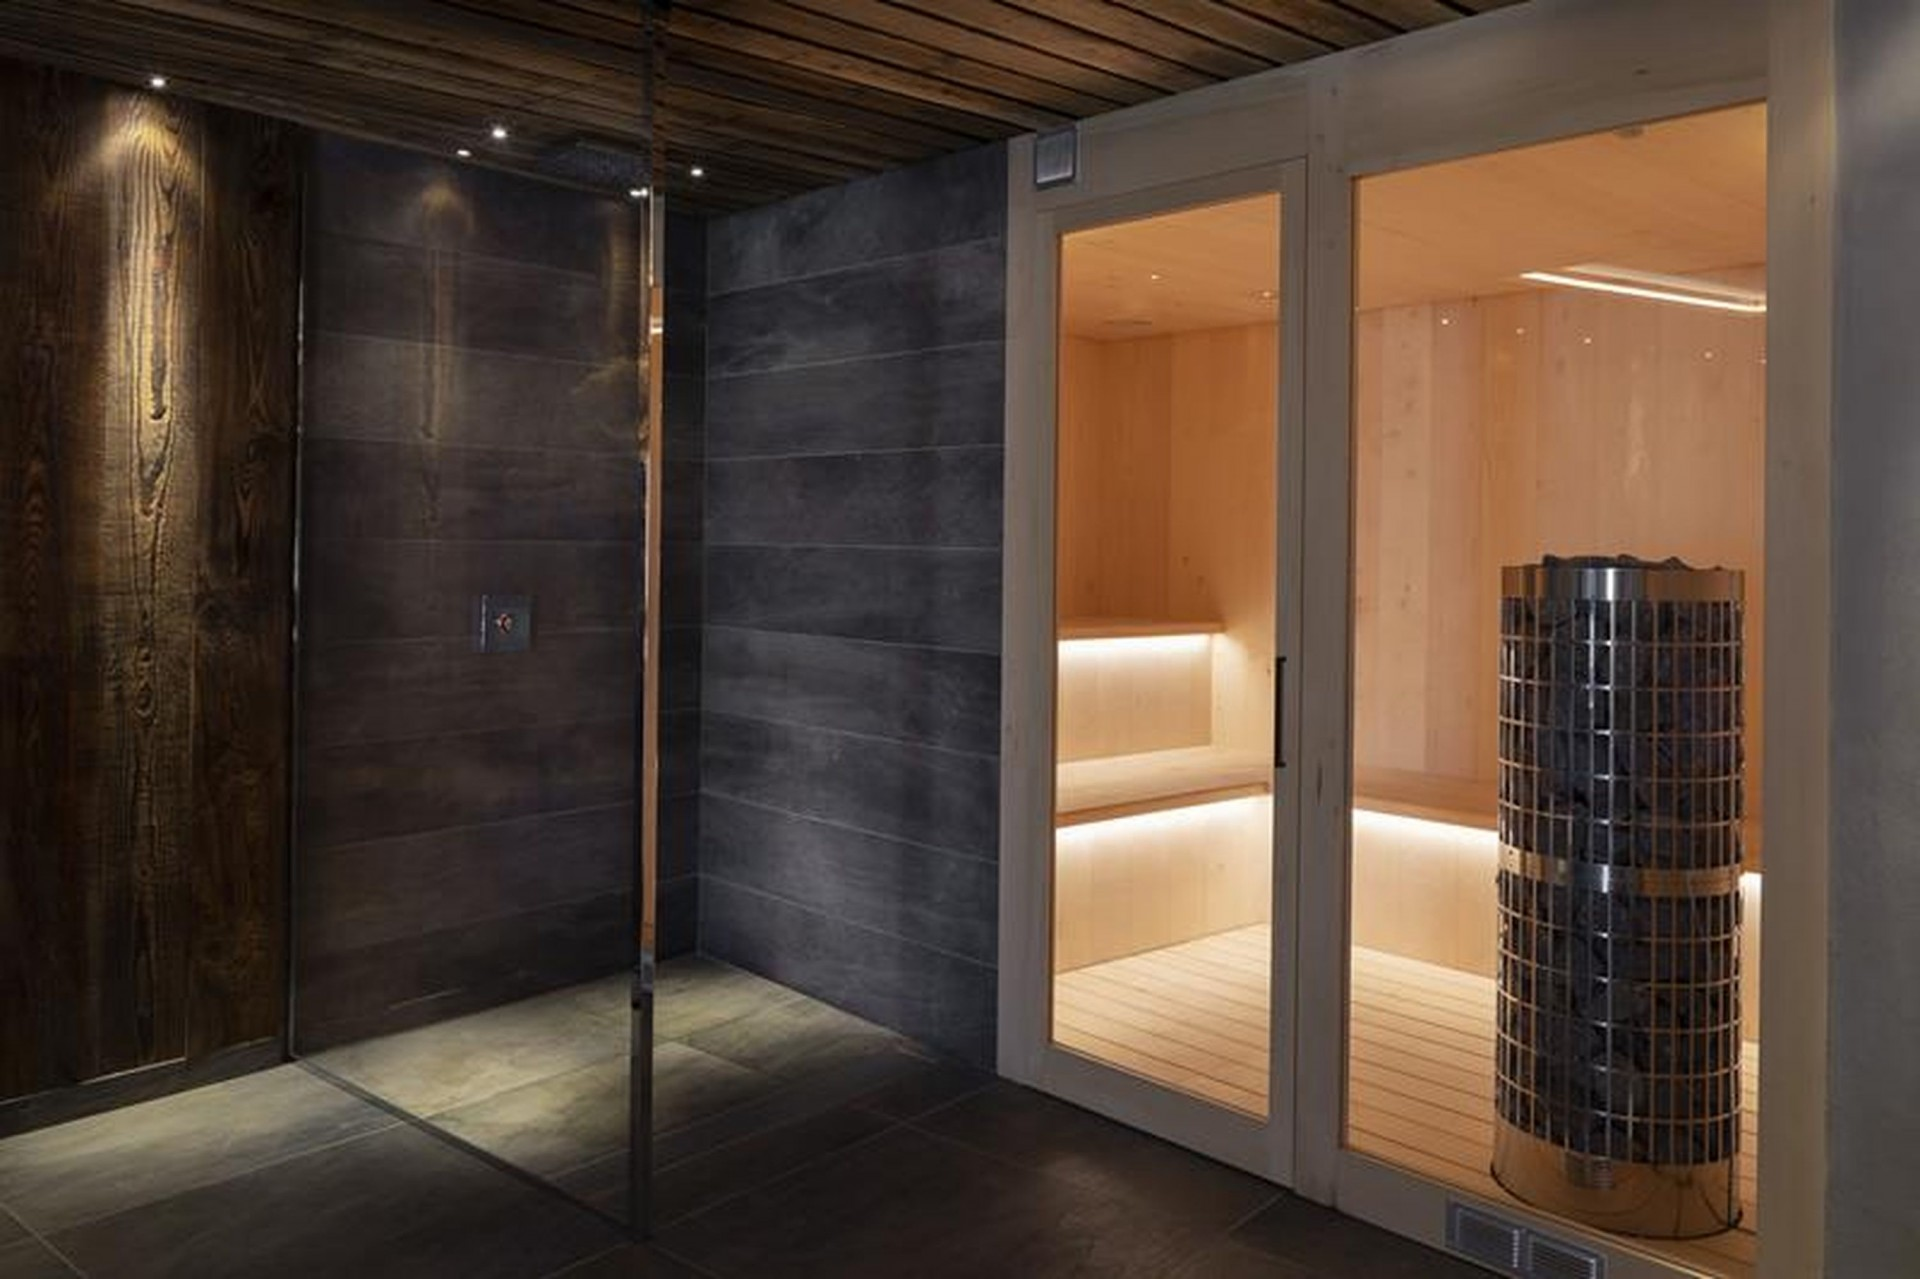 Le Grand Bornand Location Chalet Luxe Leonate Sauna